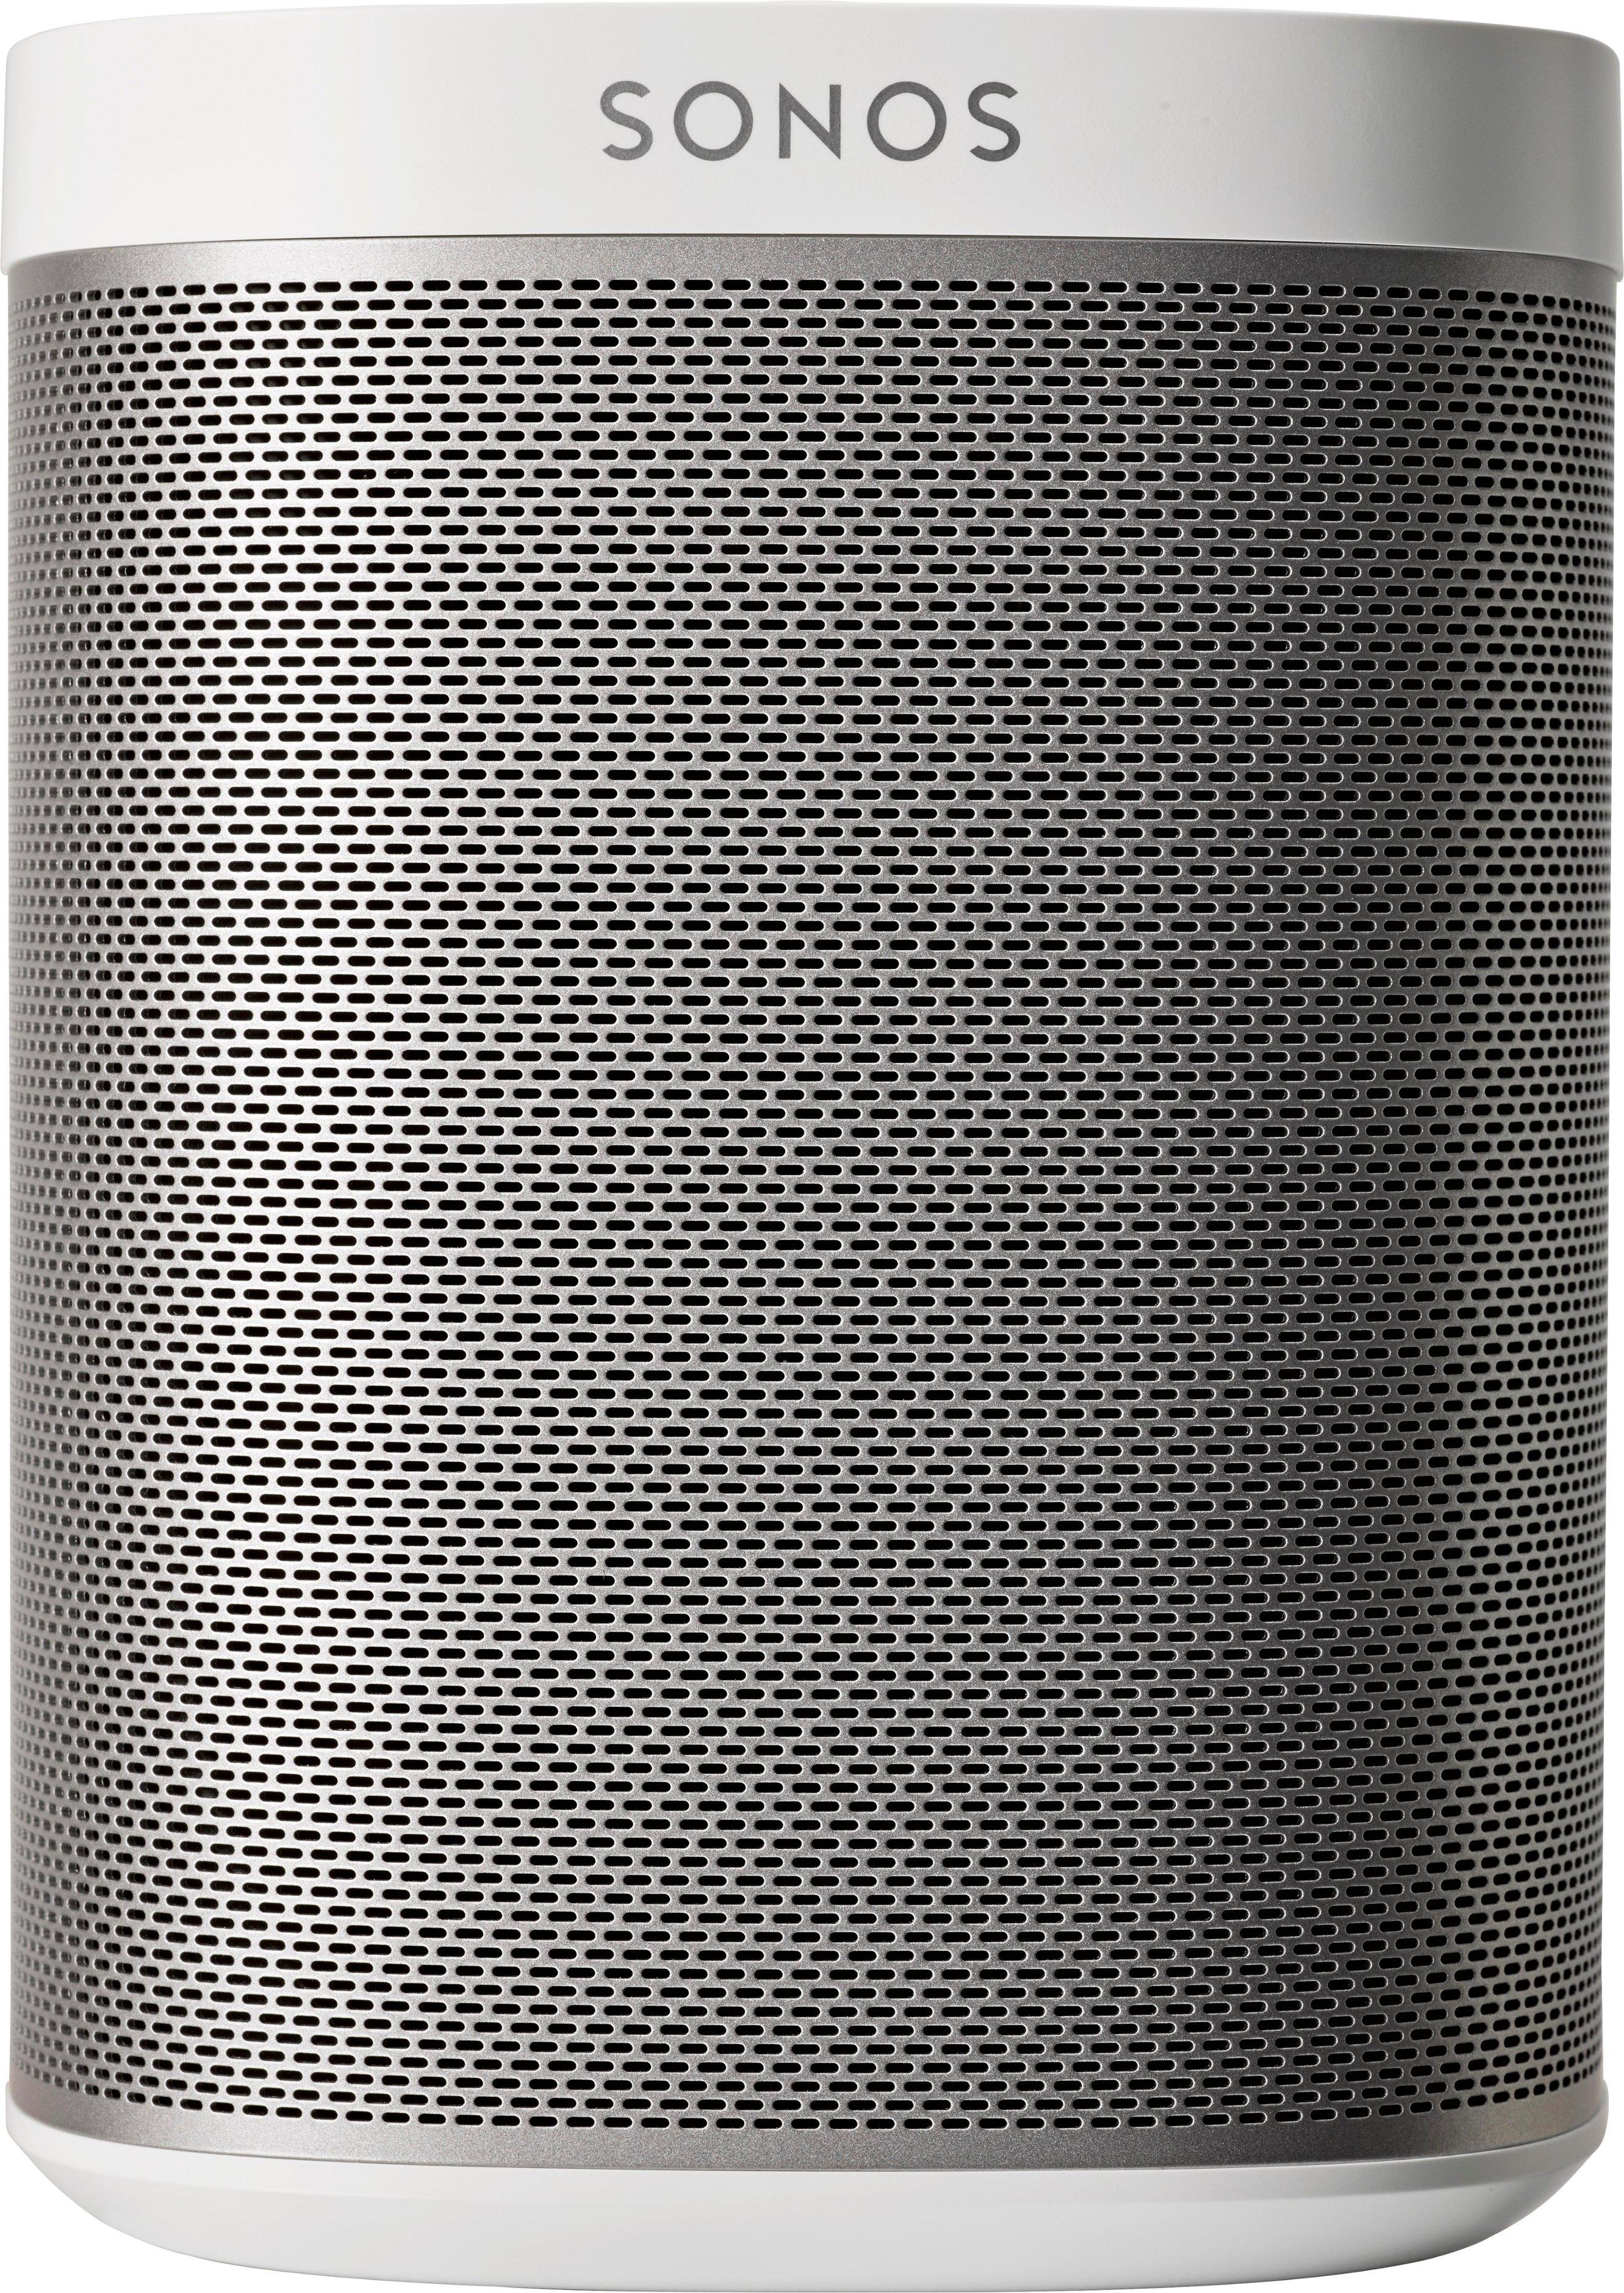 Sonos - PLAY:1 Wireless Speaker for Streaming Music - White